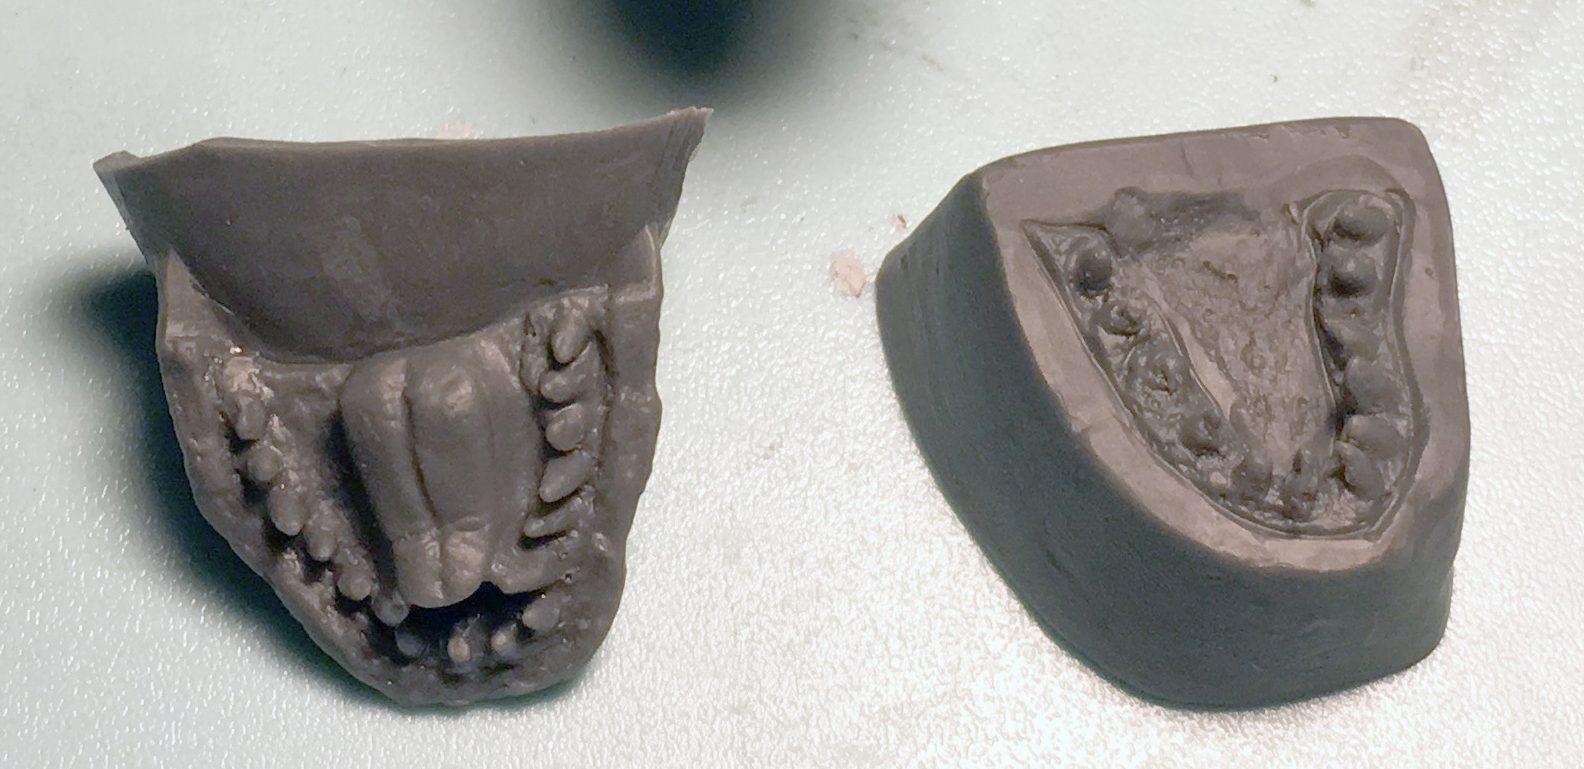 上顎の牙と下顎パーツ